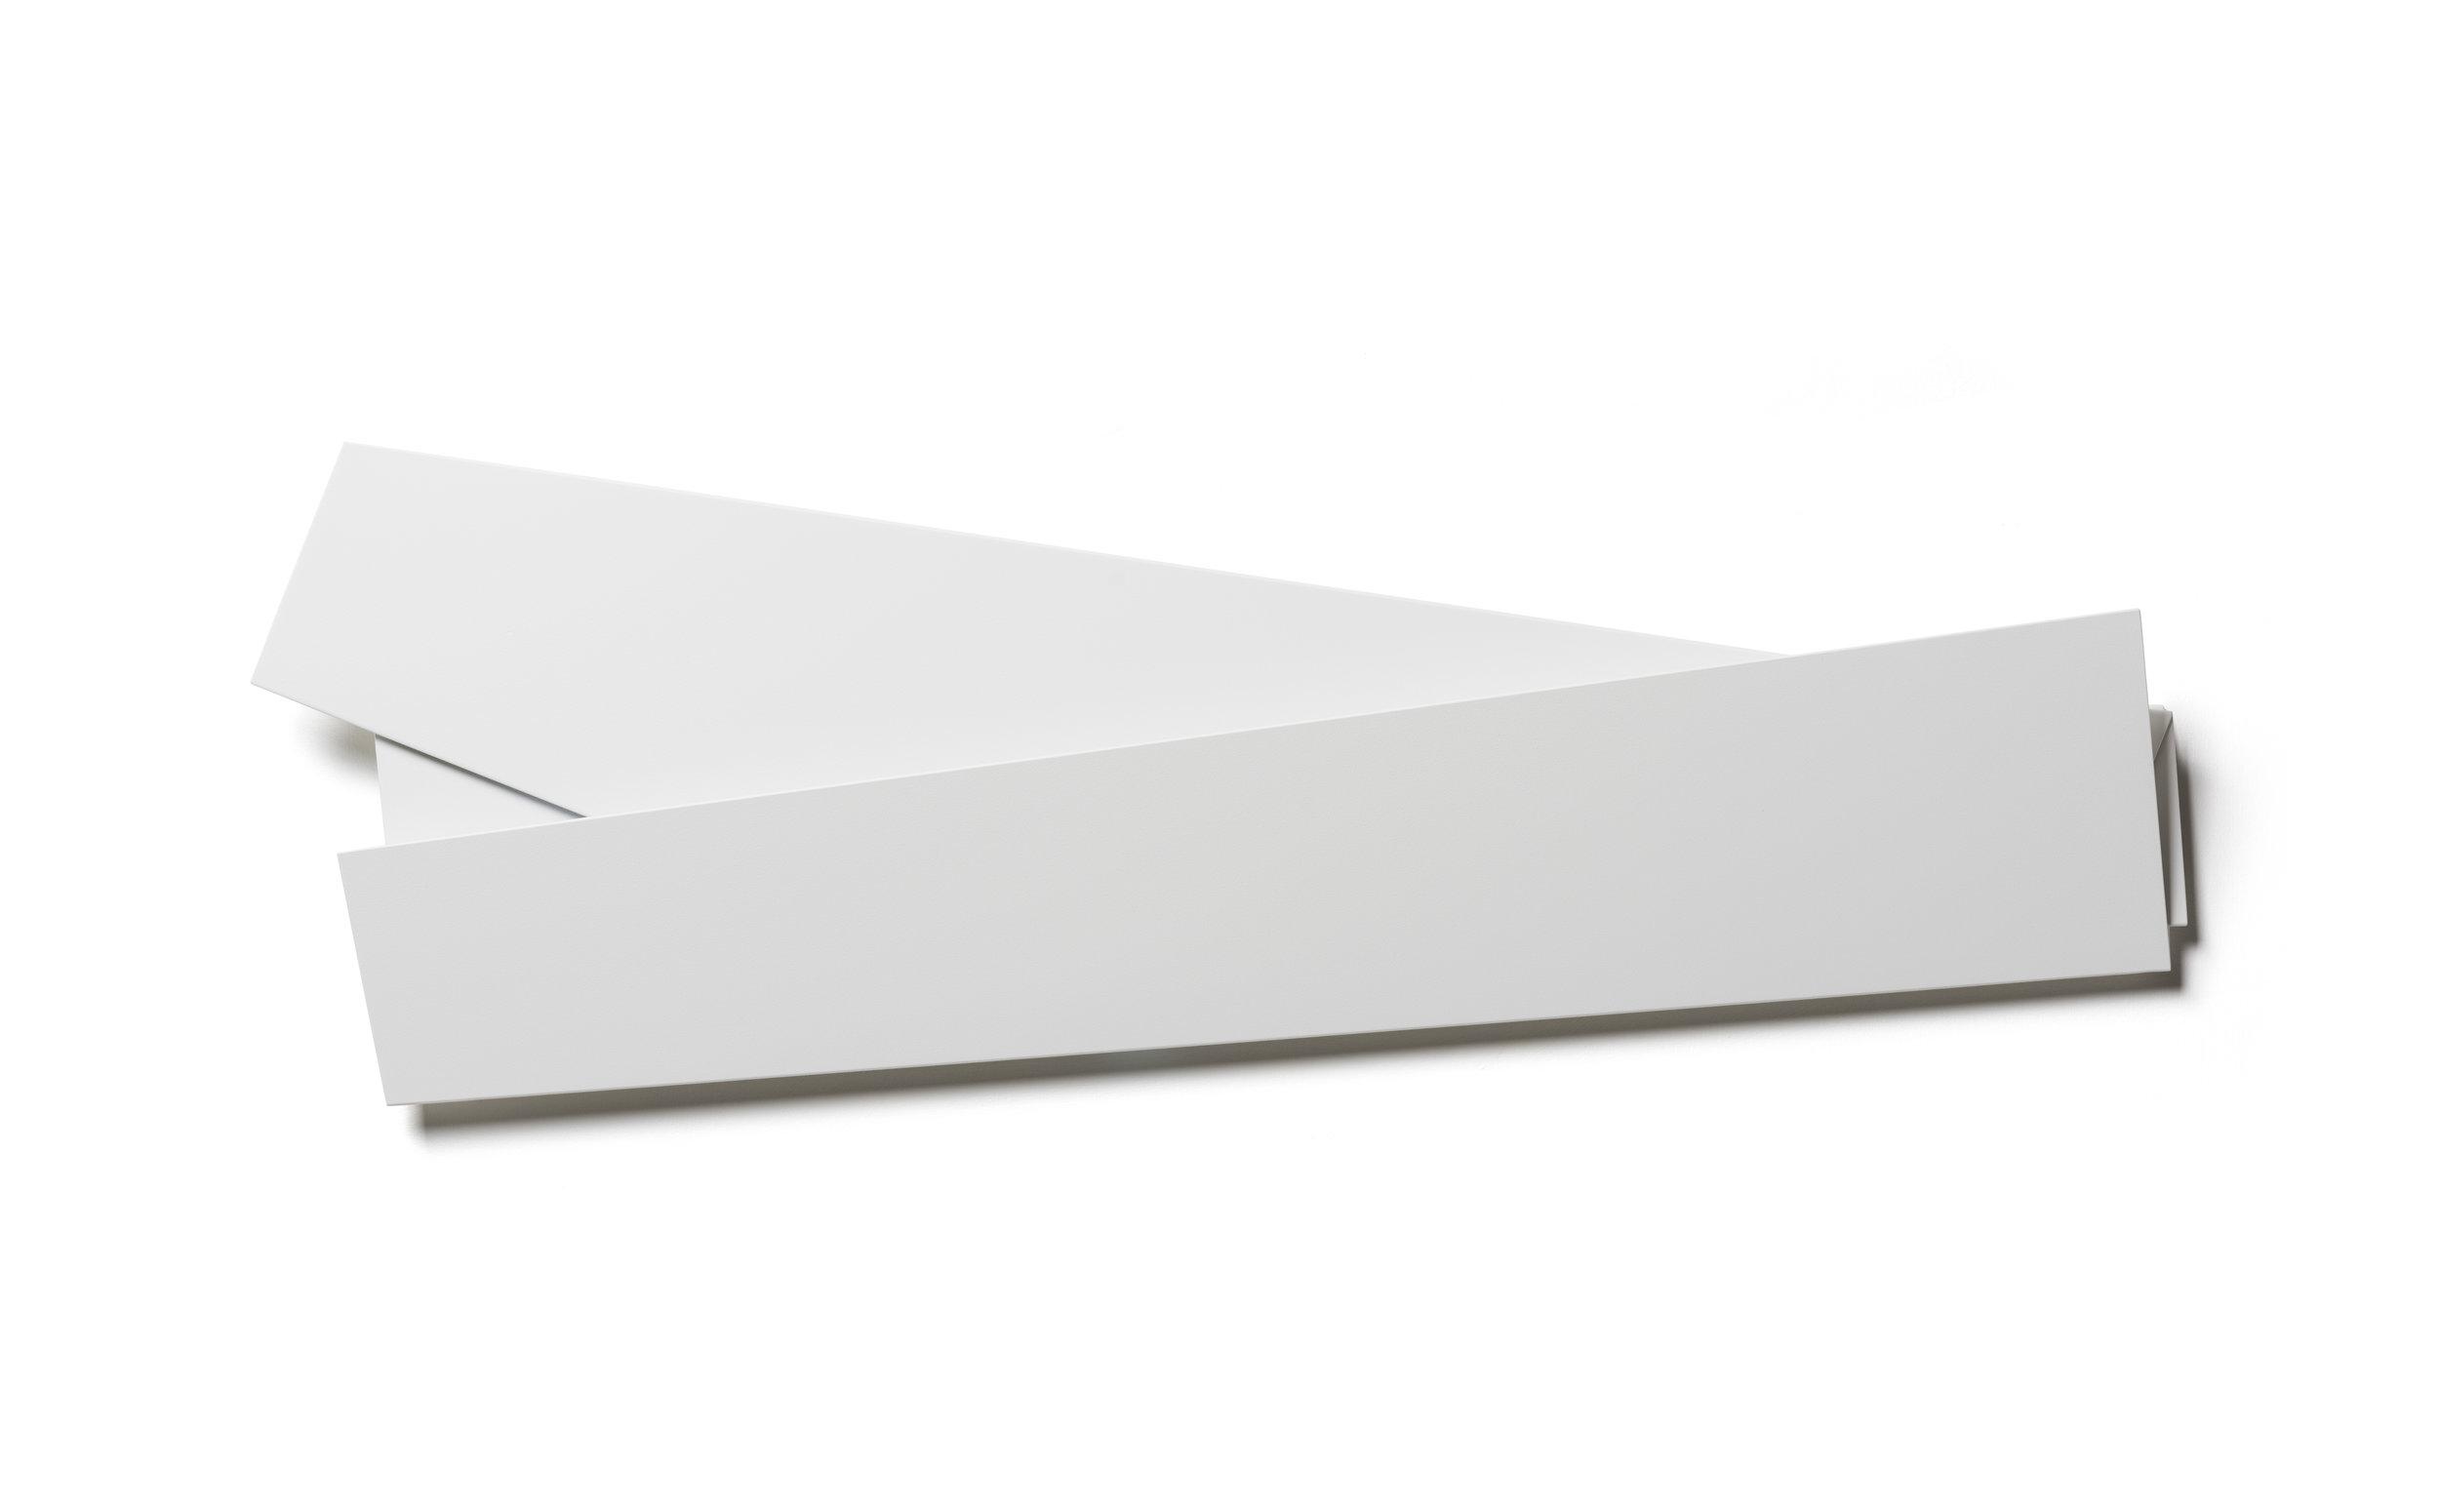 White Folded Flat 04 S-1150 a.jpg